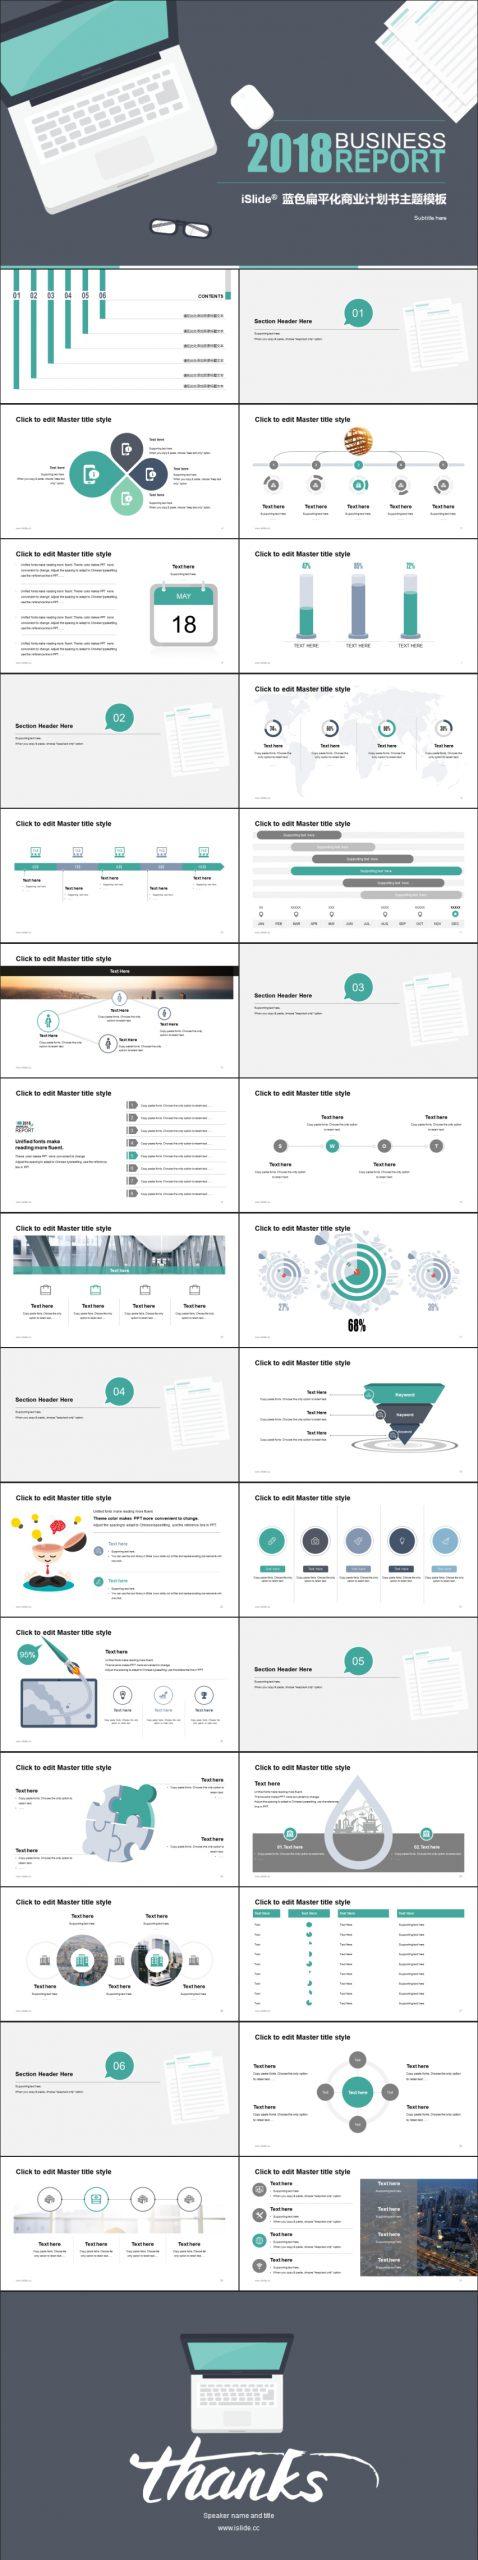 蓝色扁平化商业计划书iSlide PPT模板下载_预览图2